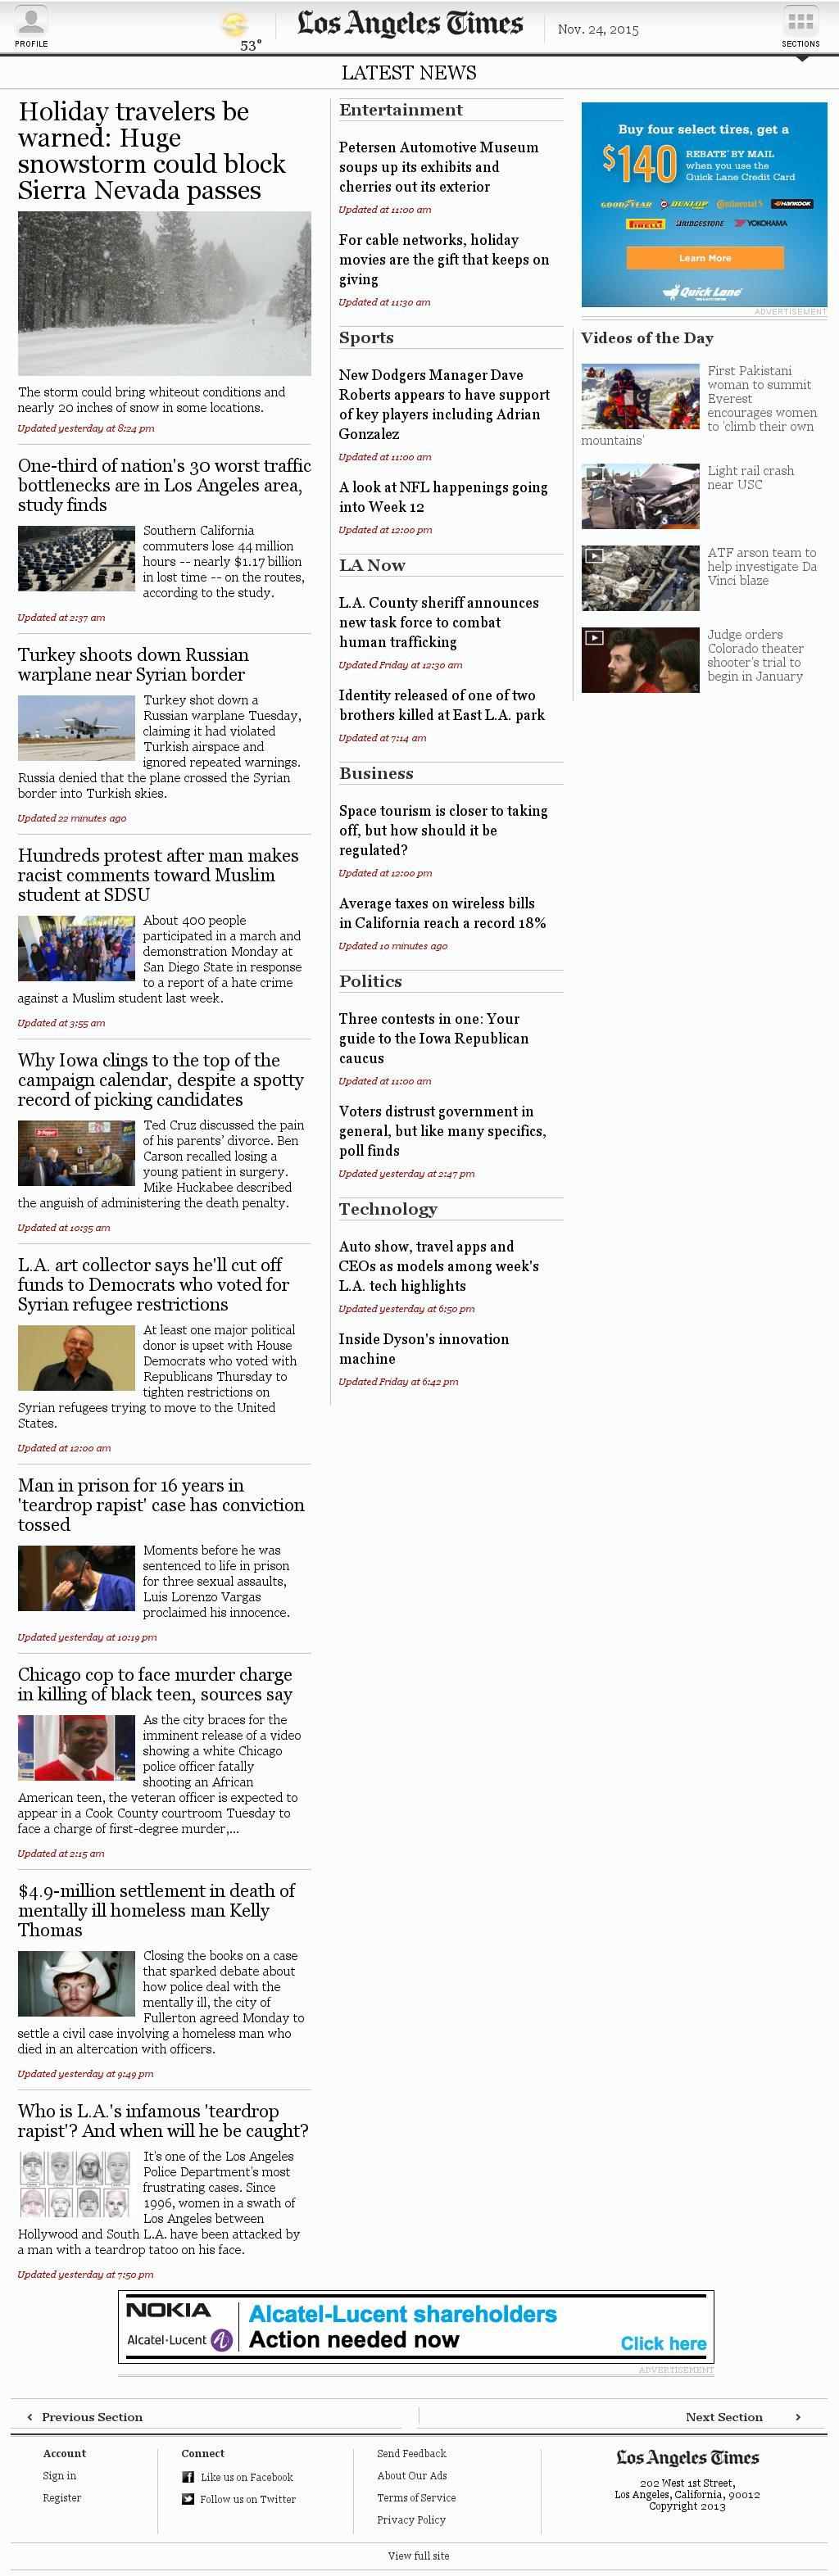 Los Angeles Times at Tuesday Nov. 24, 2015, 1:10 p.m. UTC